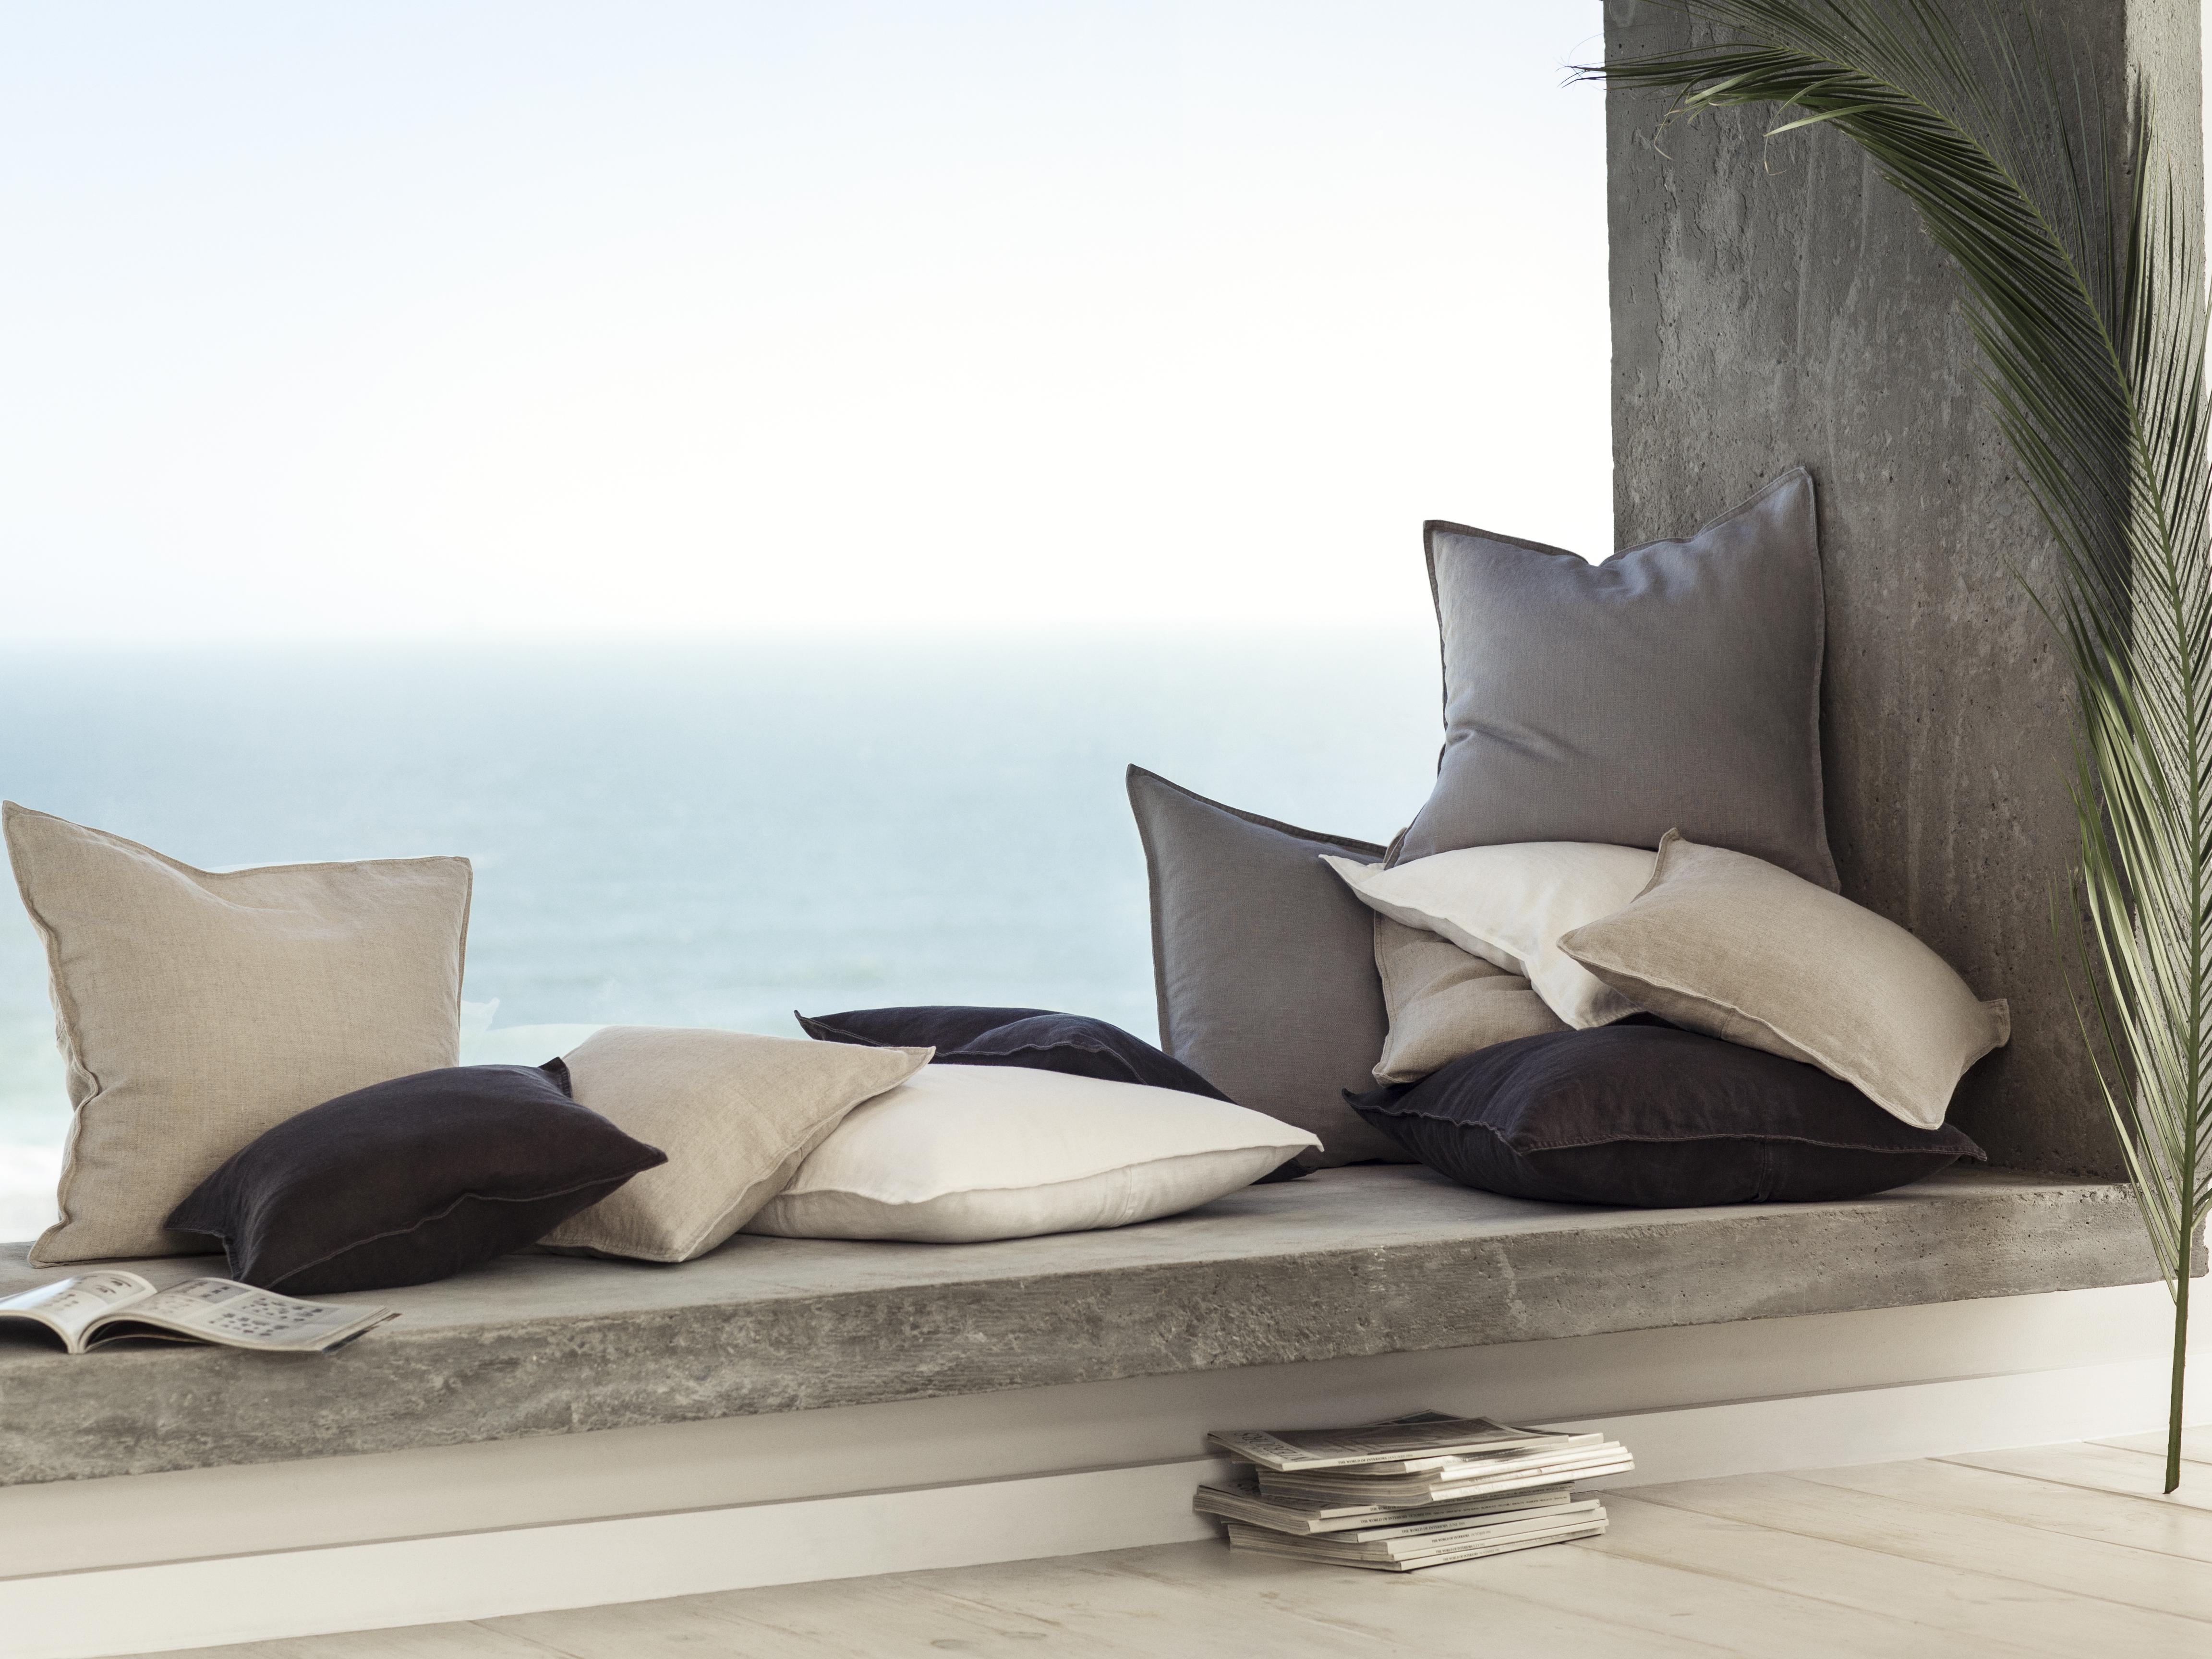 ampmfr linge de maison interesting ampmfr linge de maison with ampmfr linge de maison ampm. Black Bedroom Furniture Sets. Home Design Ideas